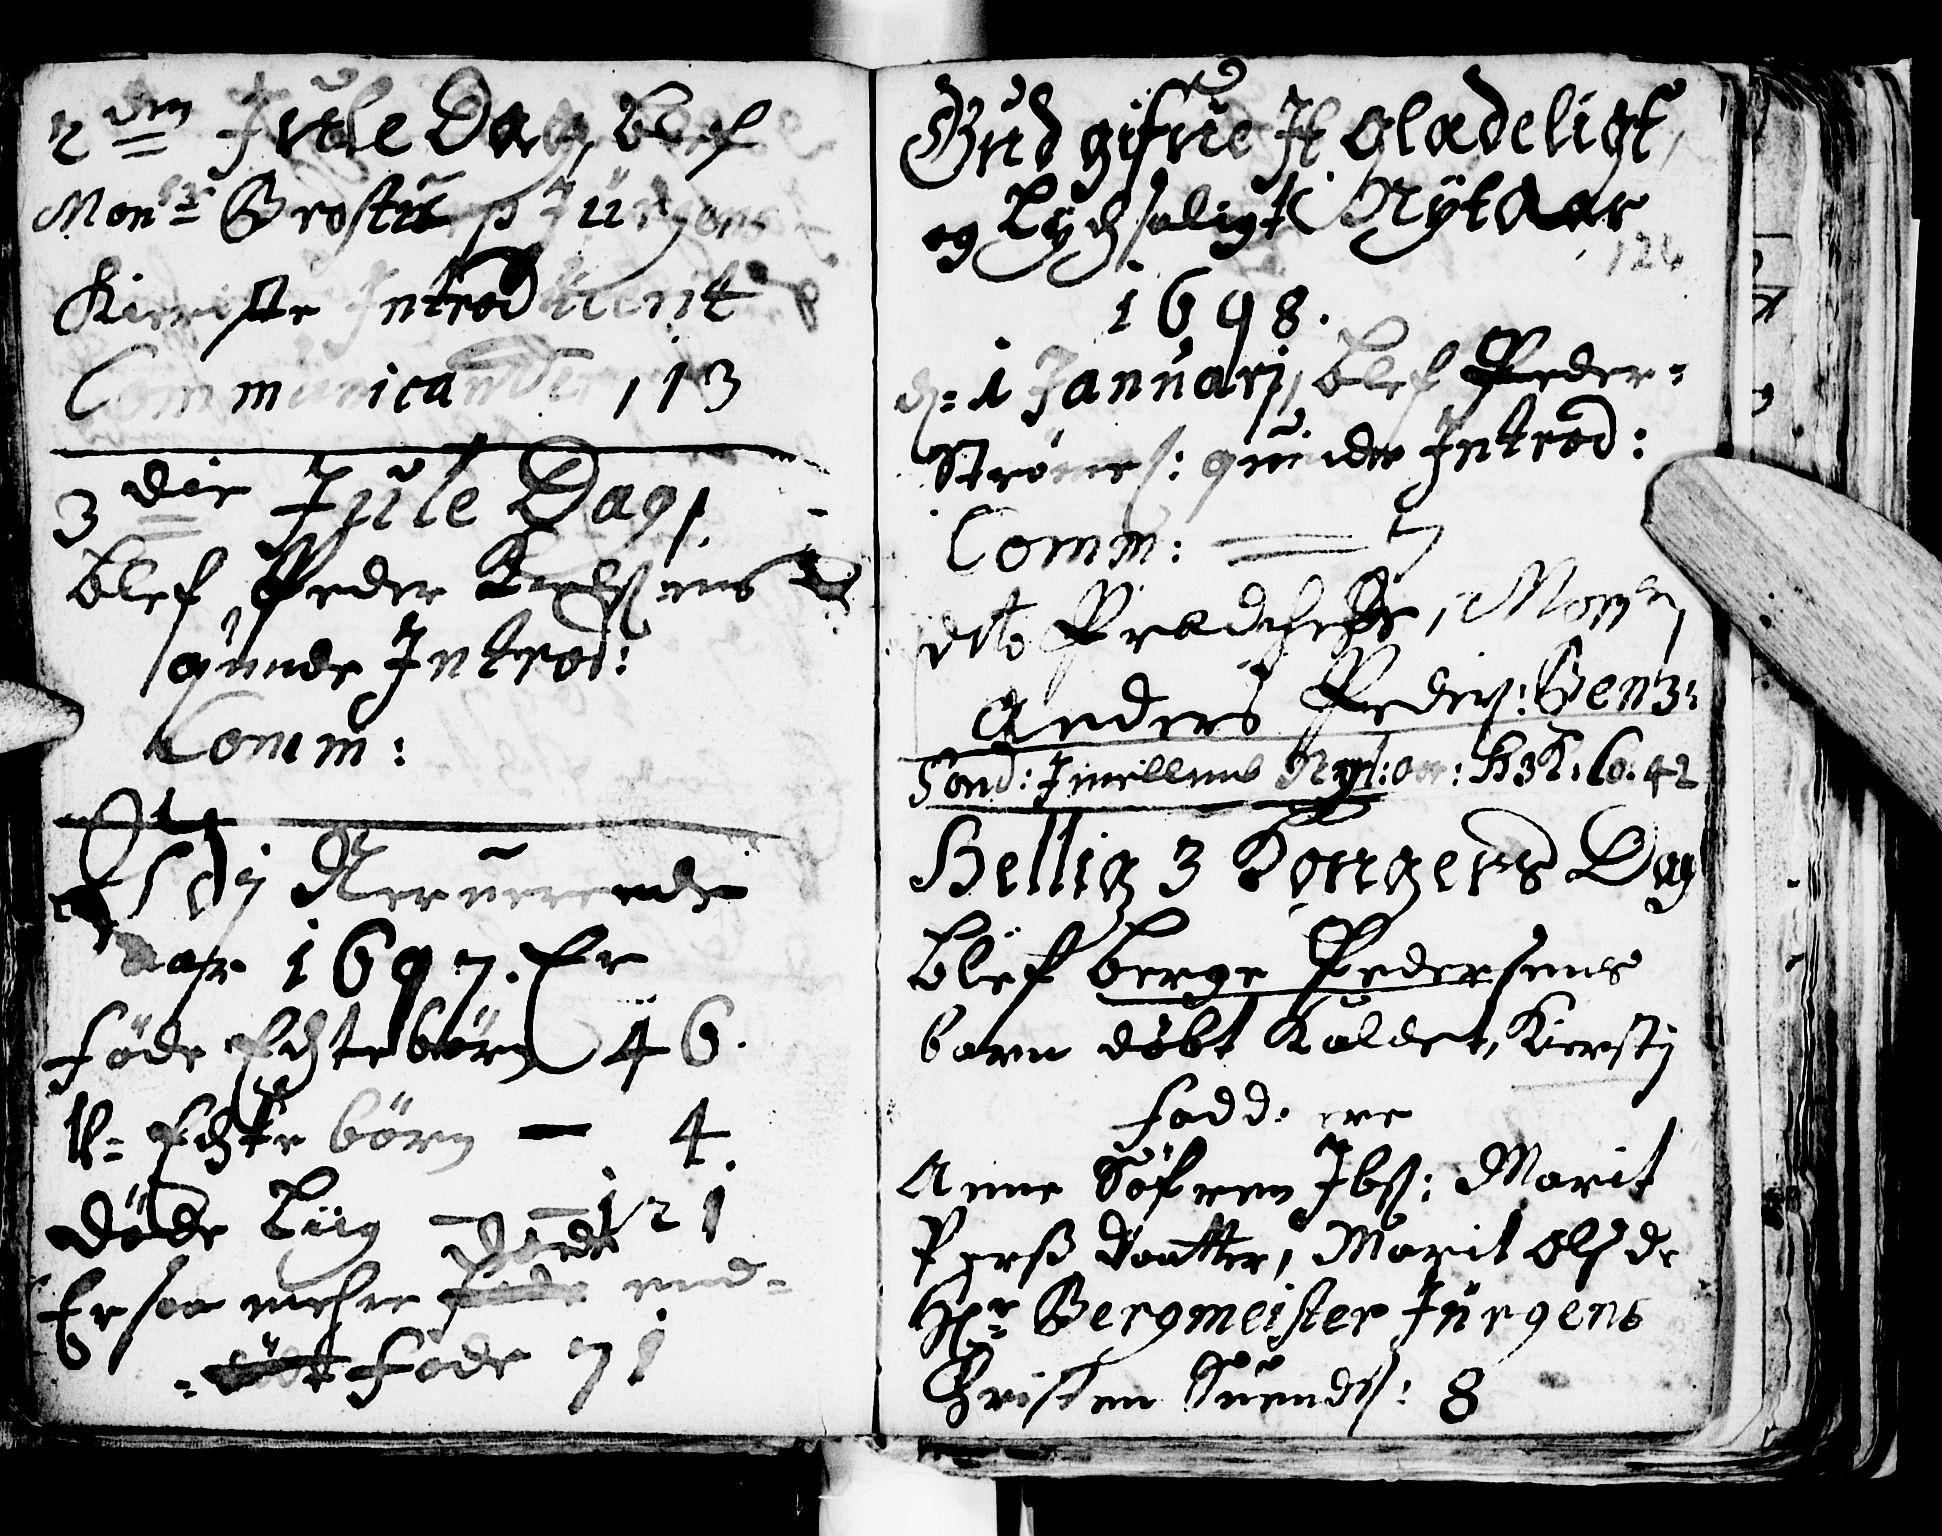 SAT, Ministerialprotokoller, klokkerbøker og fødselsregistre - Sør-Trøndelag, 681/L0923: Ministerialbok nr. 681A01, 1691-1700, s. 126